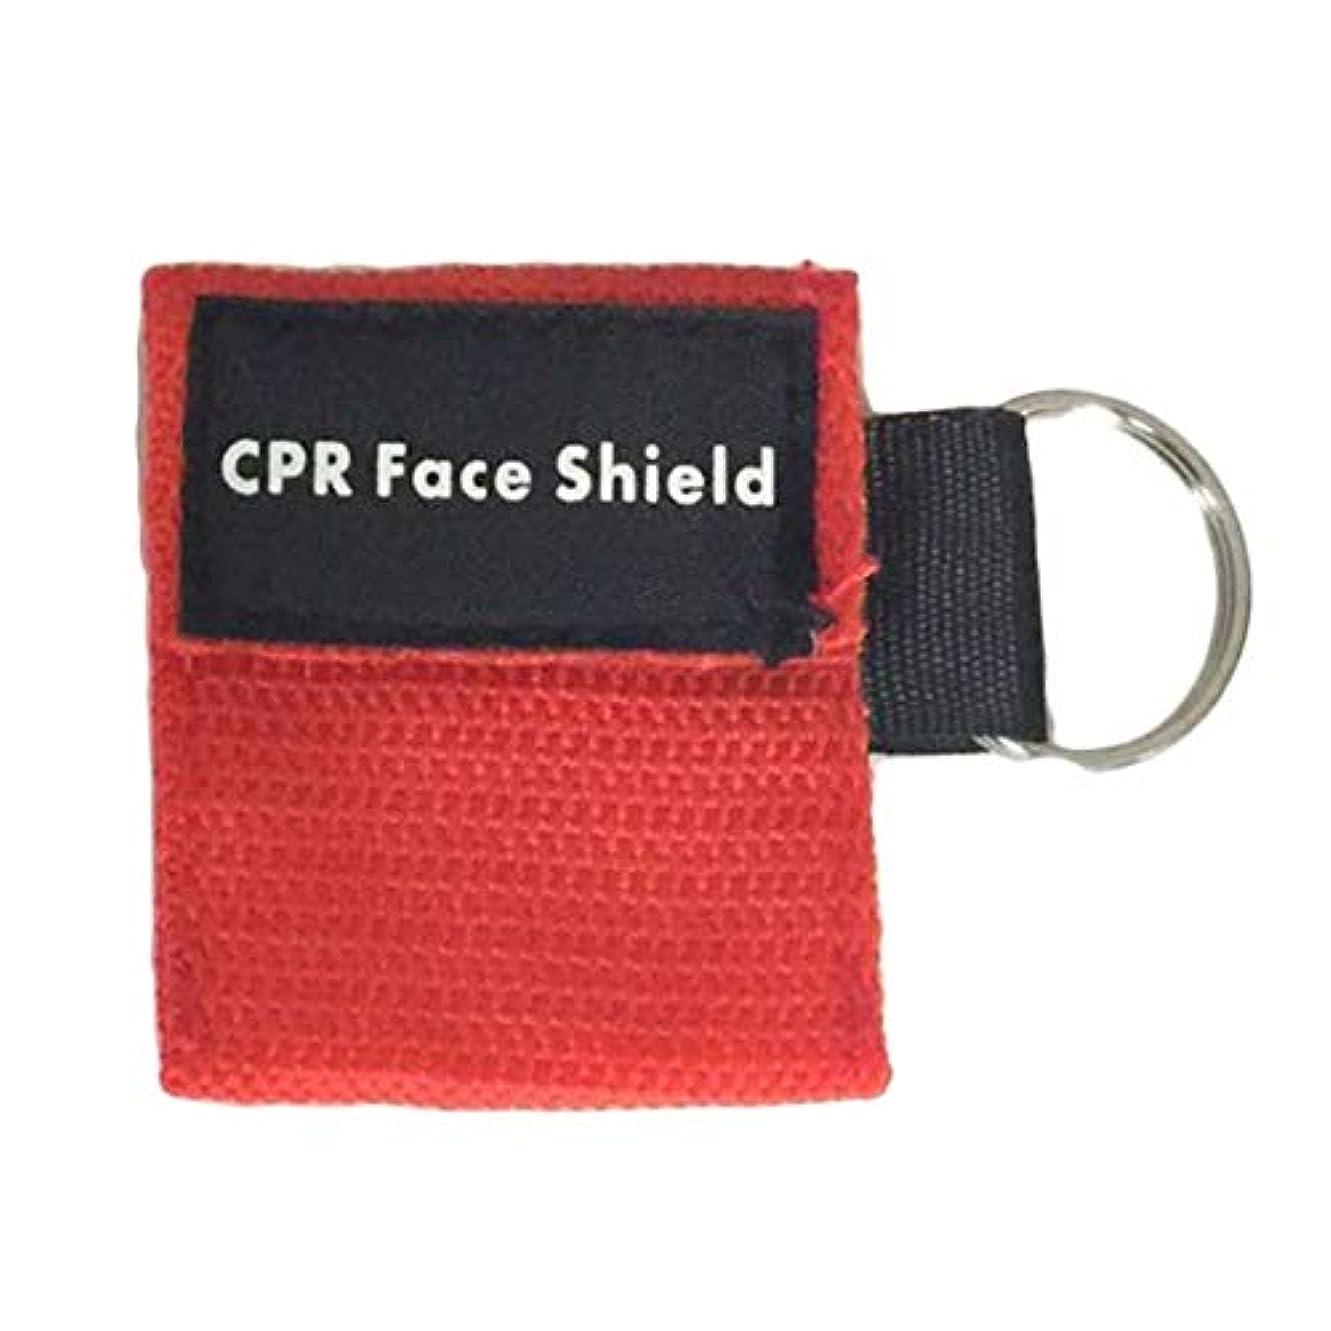 サスティーン変装した満たすIntercorey 2ピースポータブル応急処置ミニCPRキーチェーンマスク/フェイスシールドバリアキットヘルスケアマスク1-ウェイバルブCPRマスク